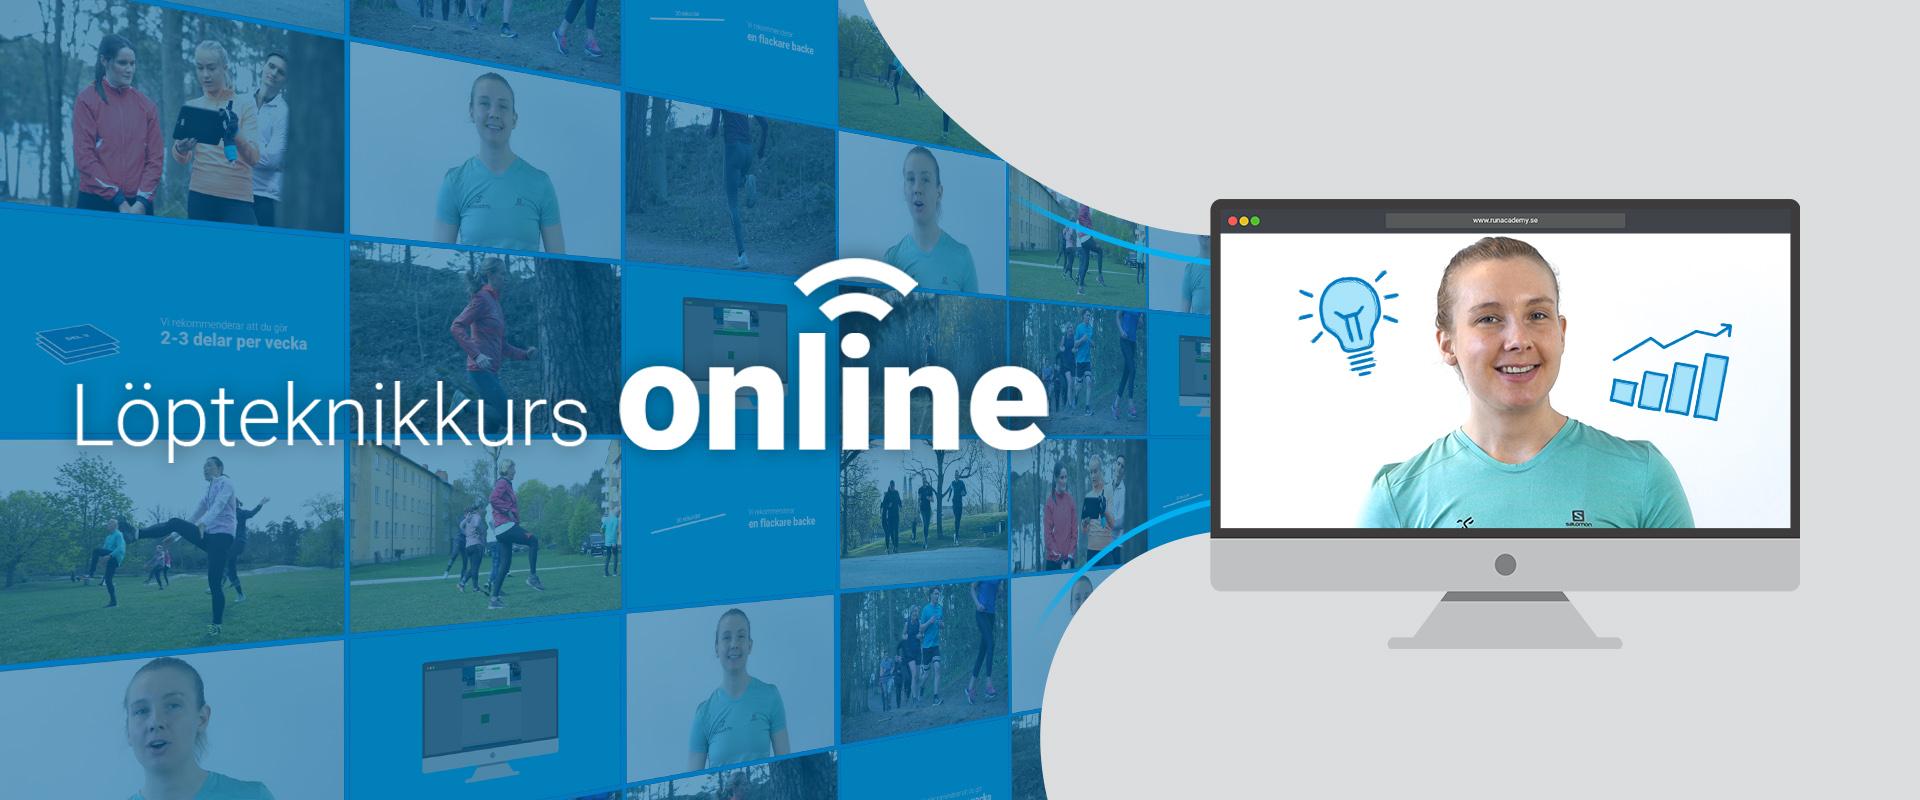 Löpteknik - Utvecklas med vår löpteknikkurs online